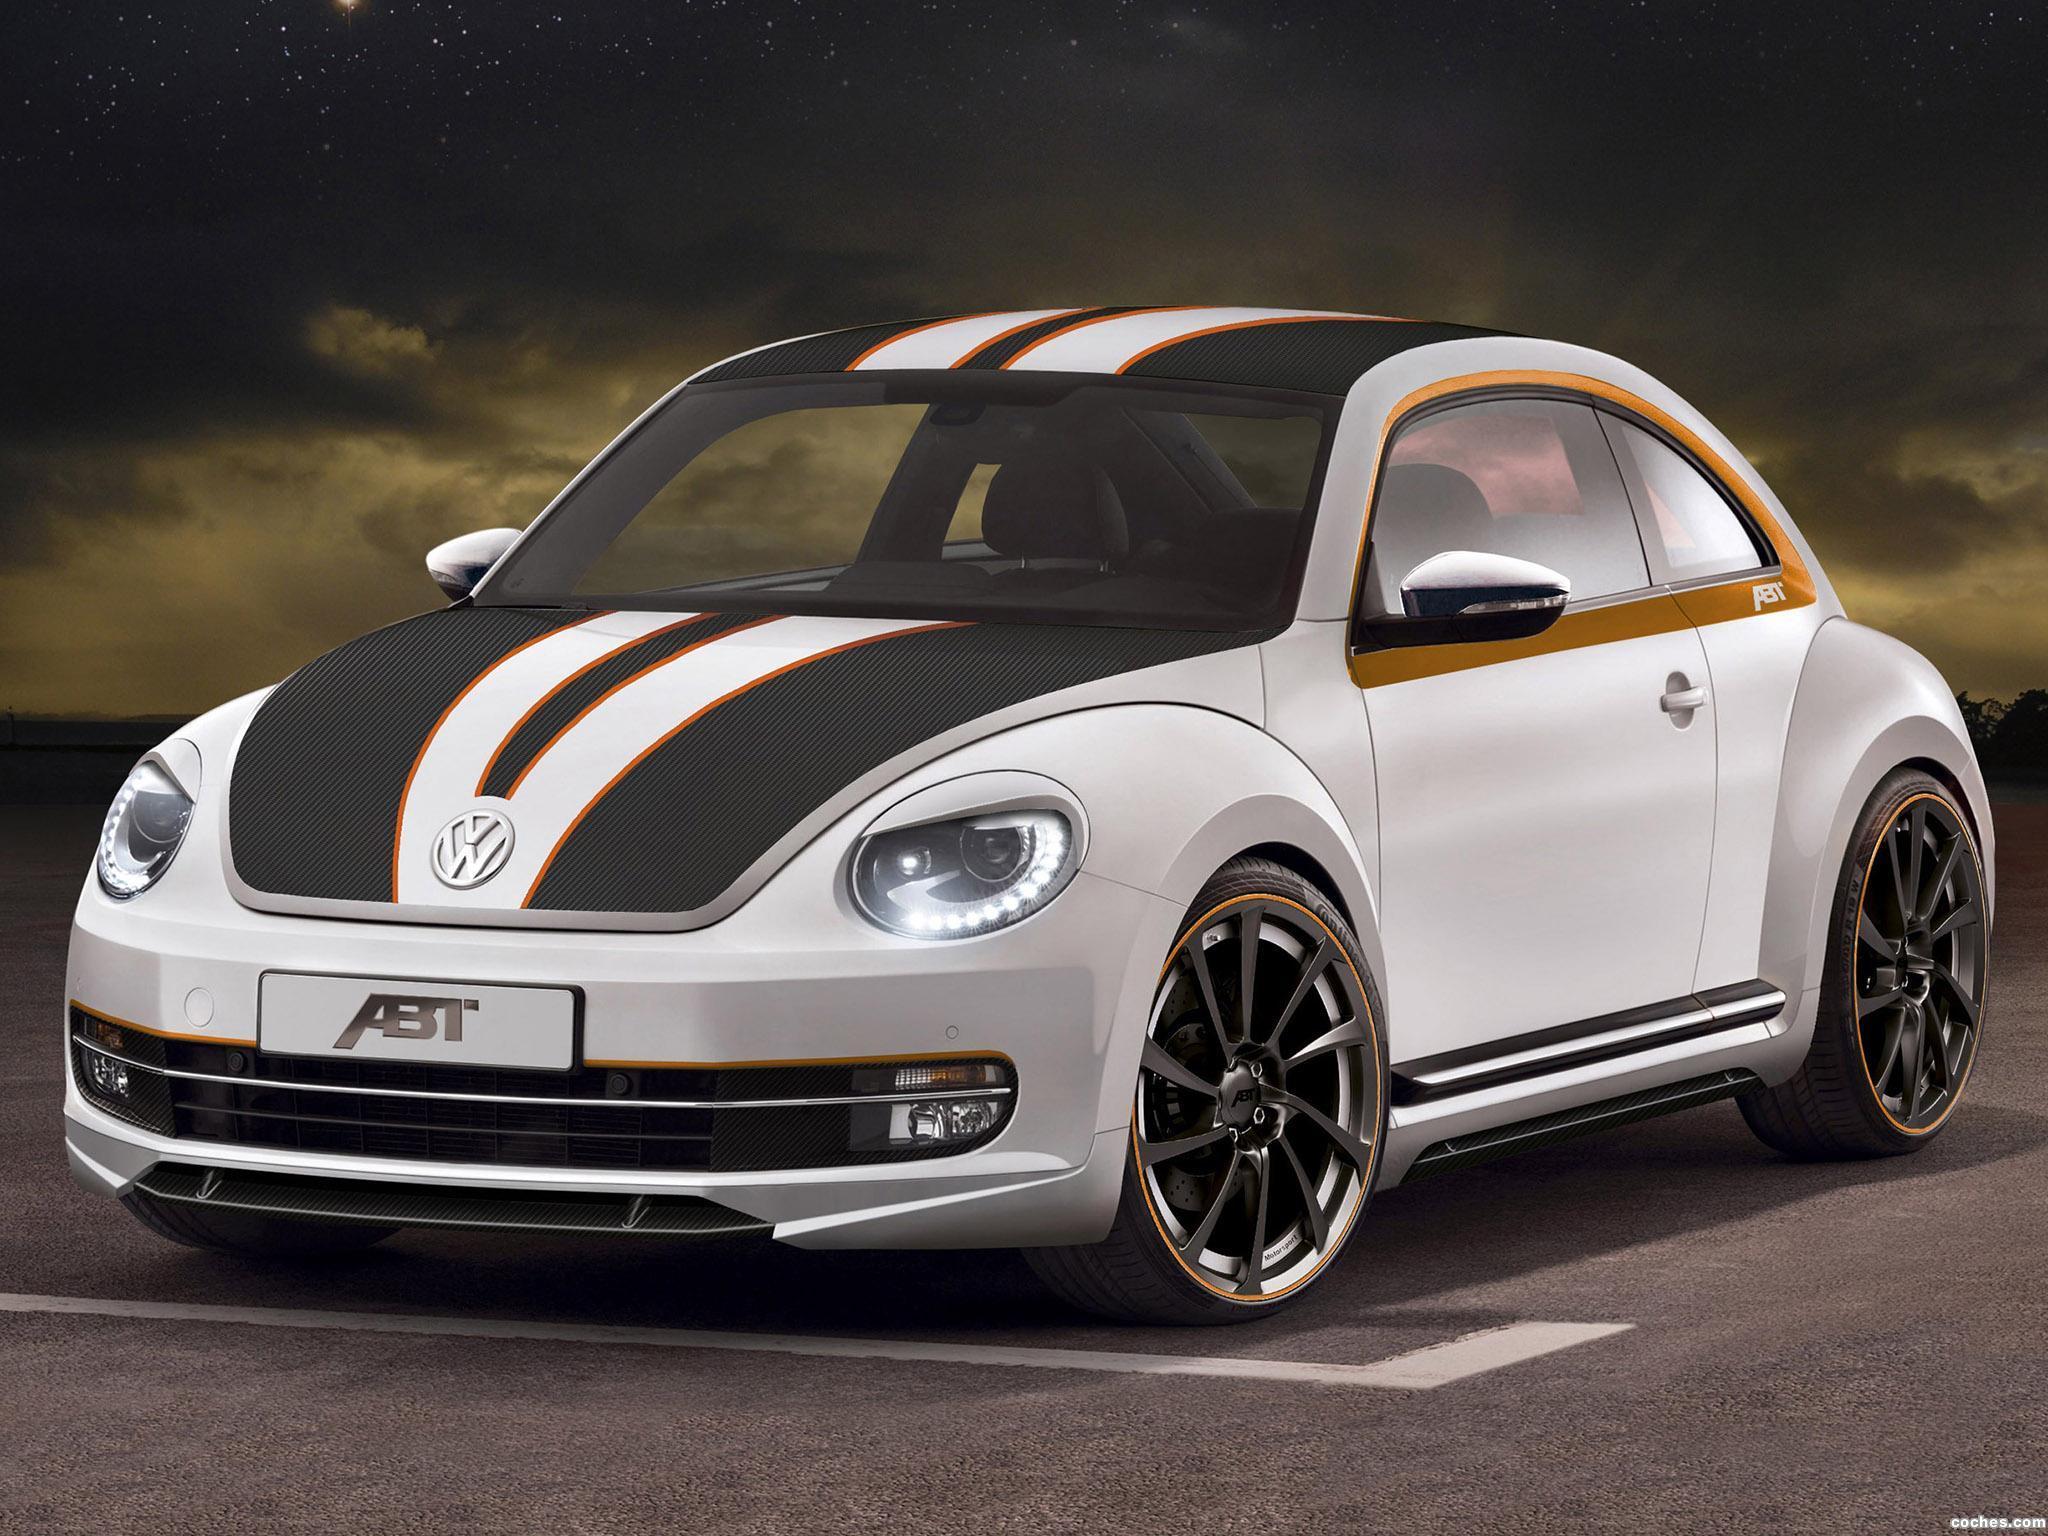 Foto 0 de Volkswagen abt Beetle 2011